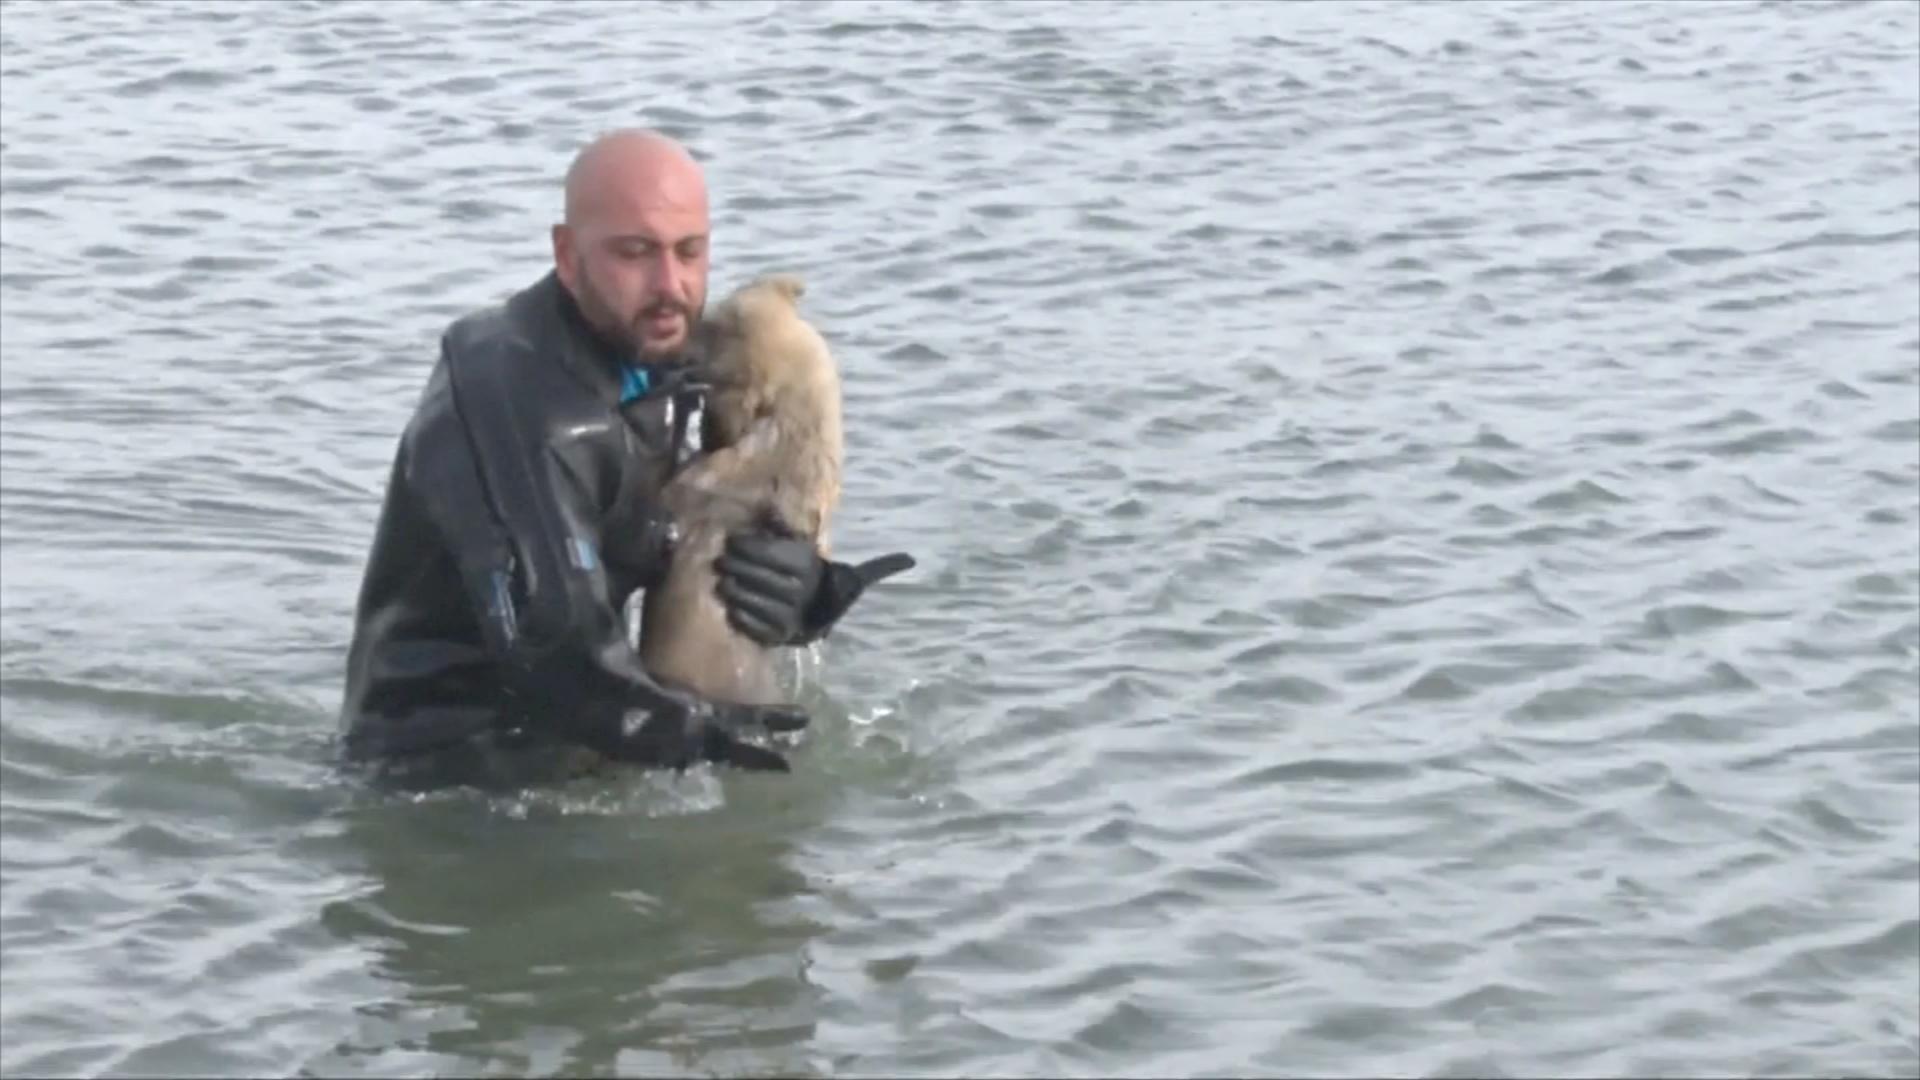 В Турции полицейский-водолаз спас щенка на замёрзшем озере